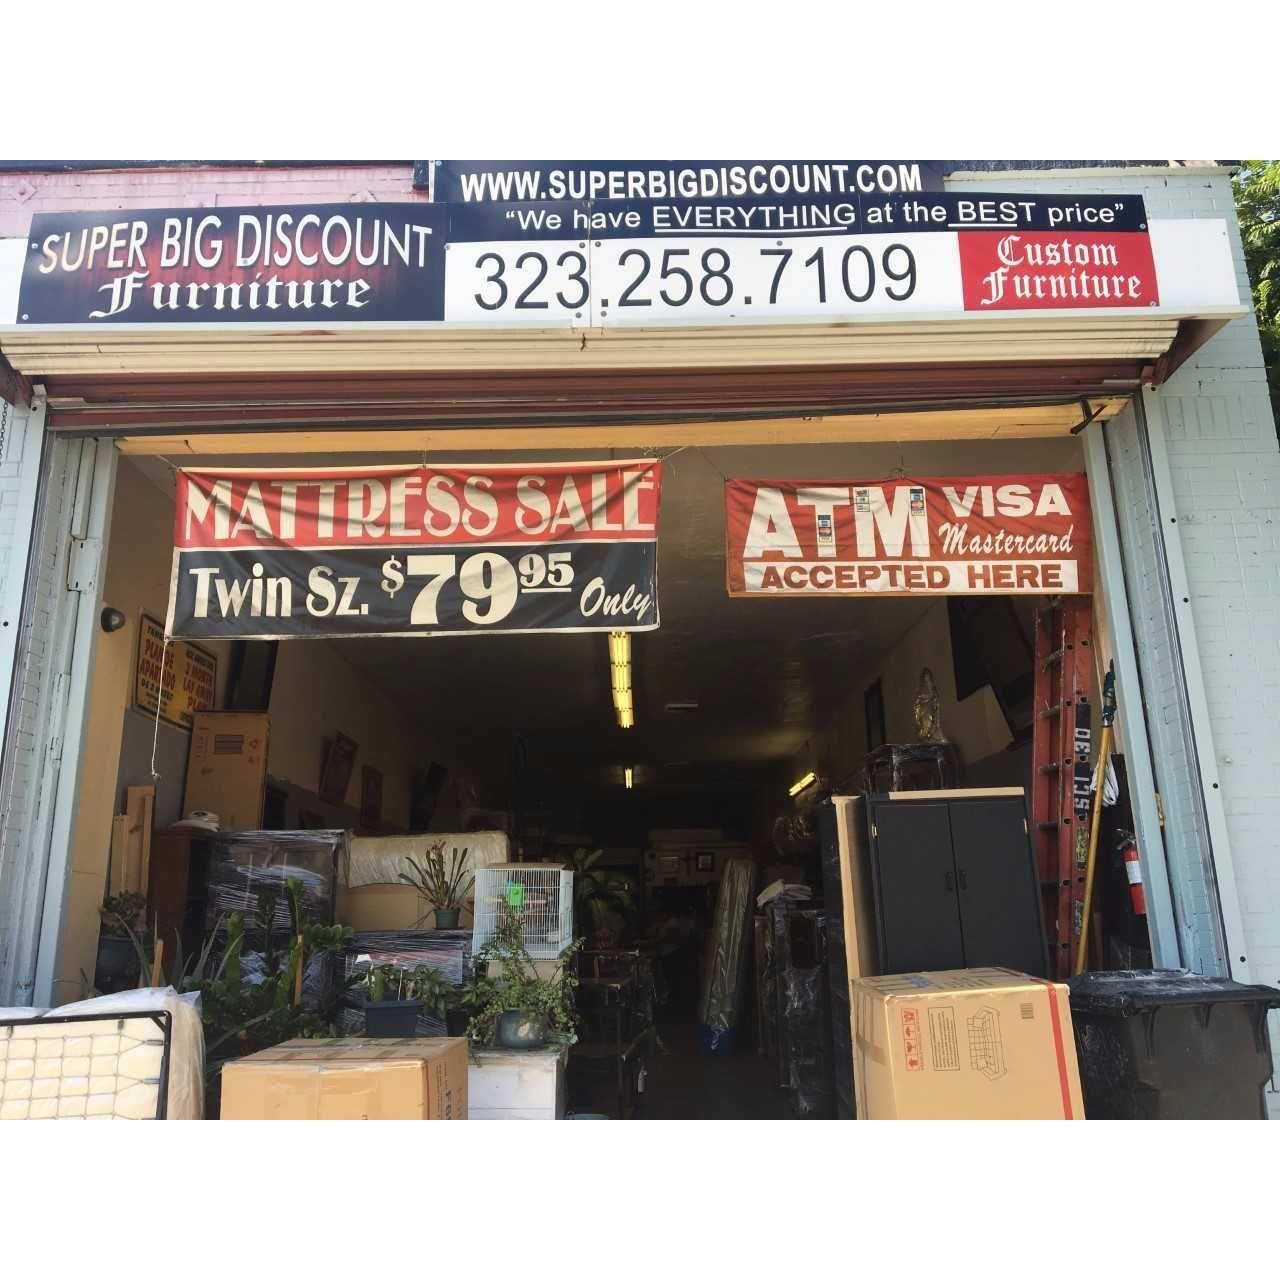 Super big discount furniture los angeles california ca for Super cheap furniture